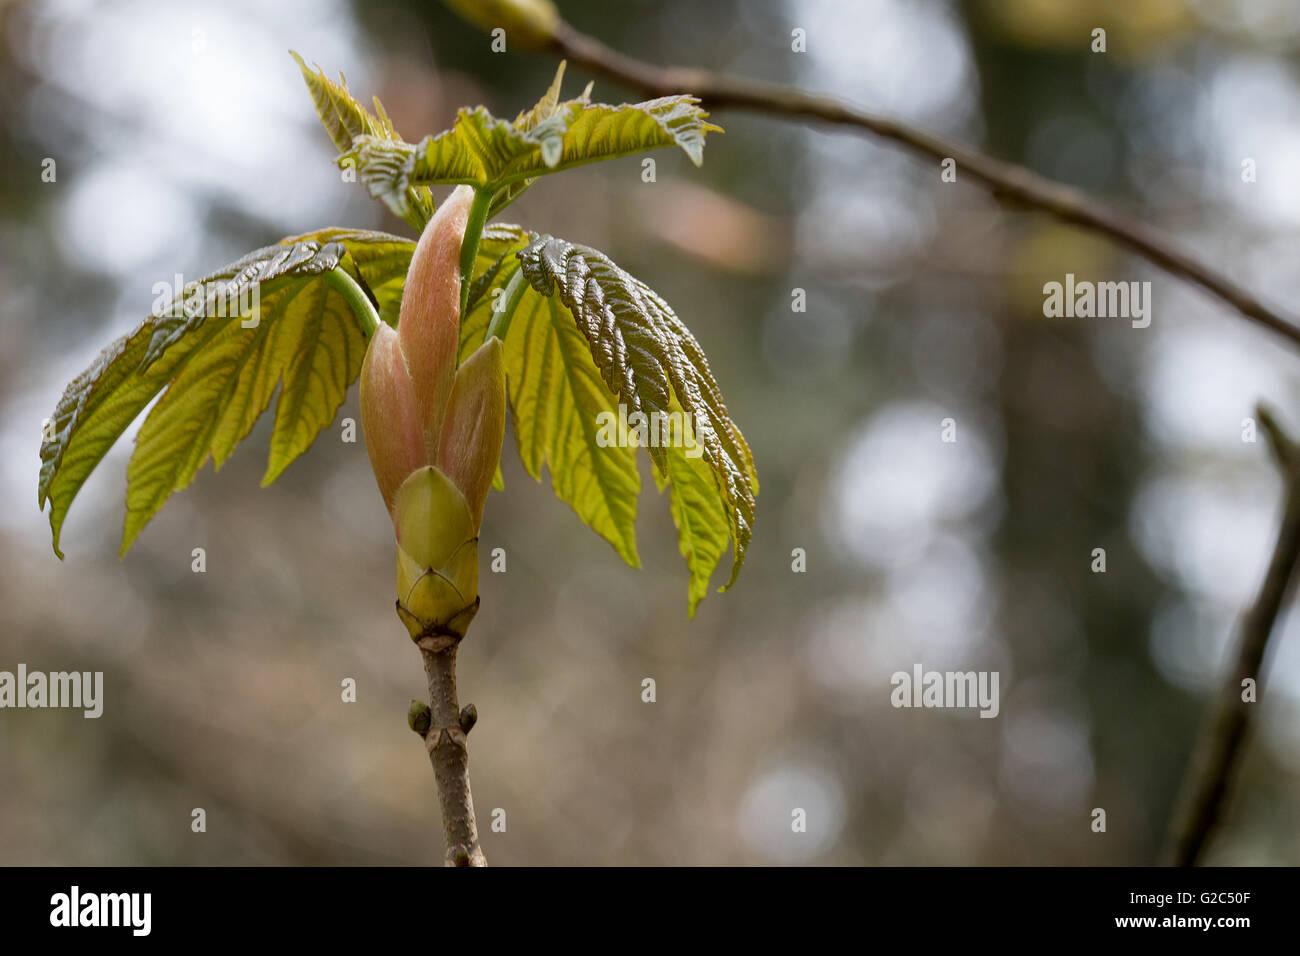 Kastanienblätter mit Knospe, an einem Zweig, Makro  Chestnut leaves with bud on a branch, macro - Stock Image